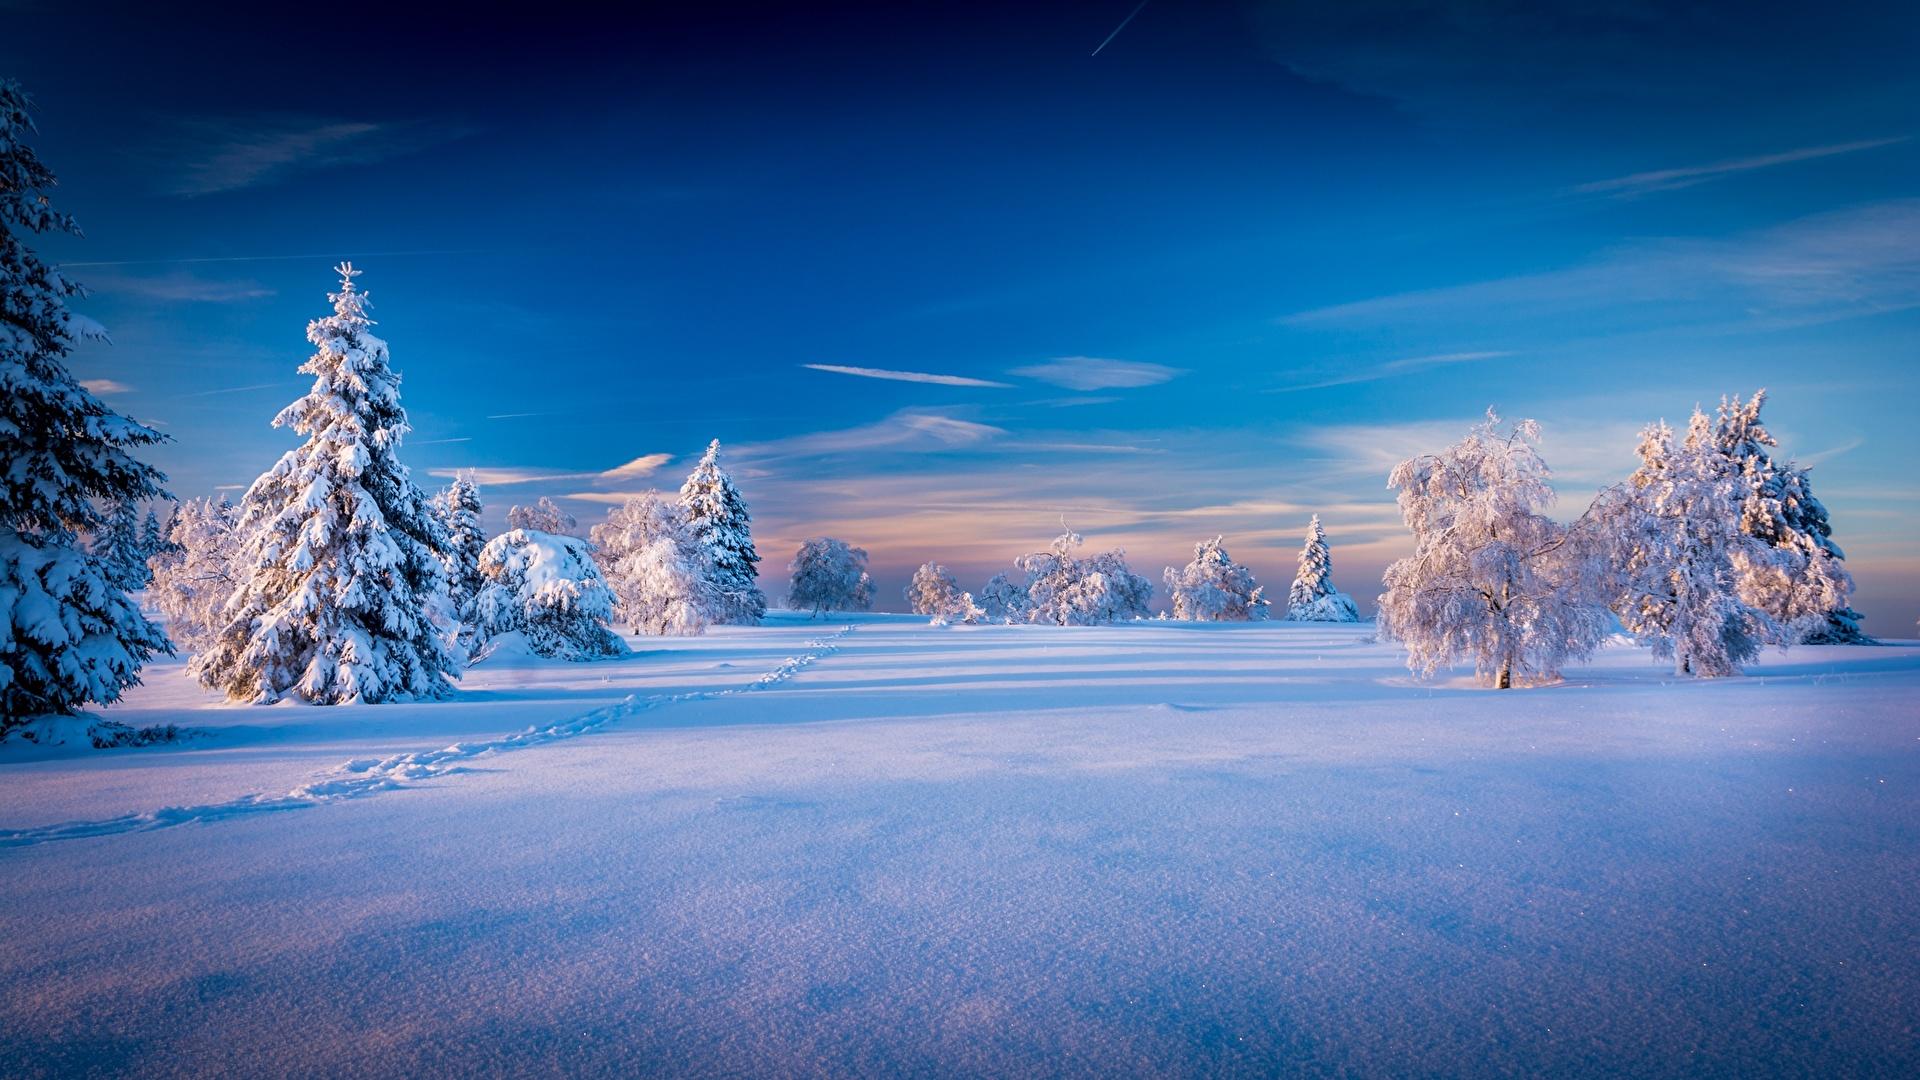 壁紙 1920x1080 冬 空 風景写真 雪 トウヒ属 木 自然